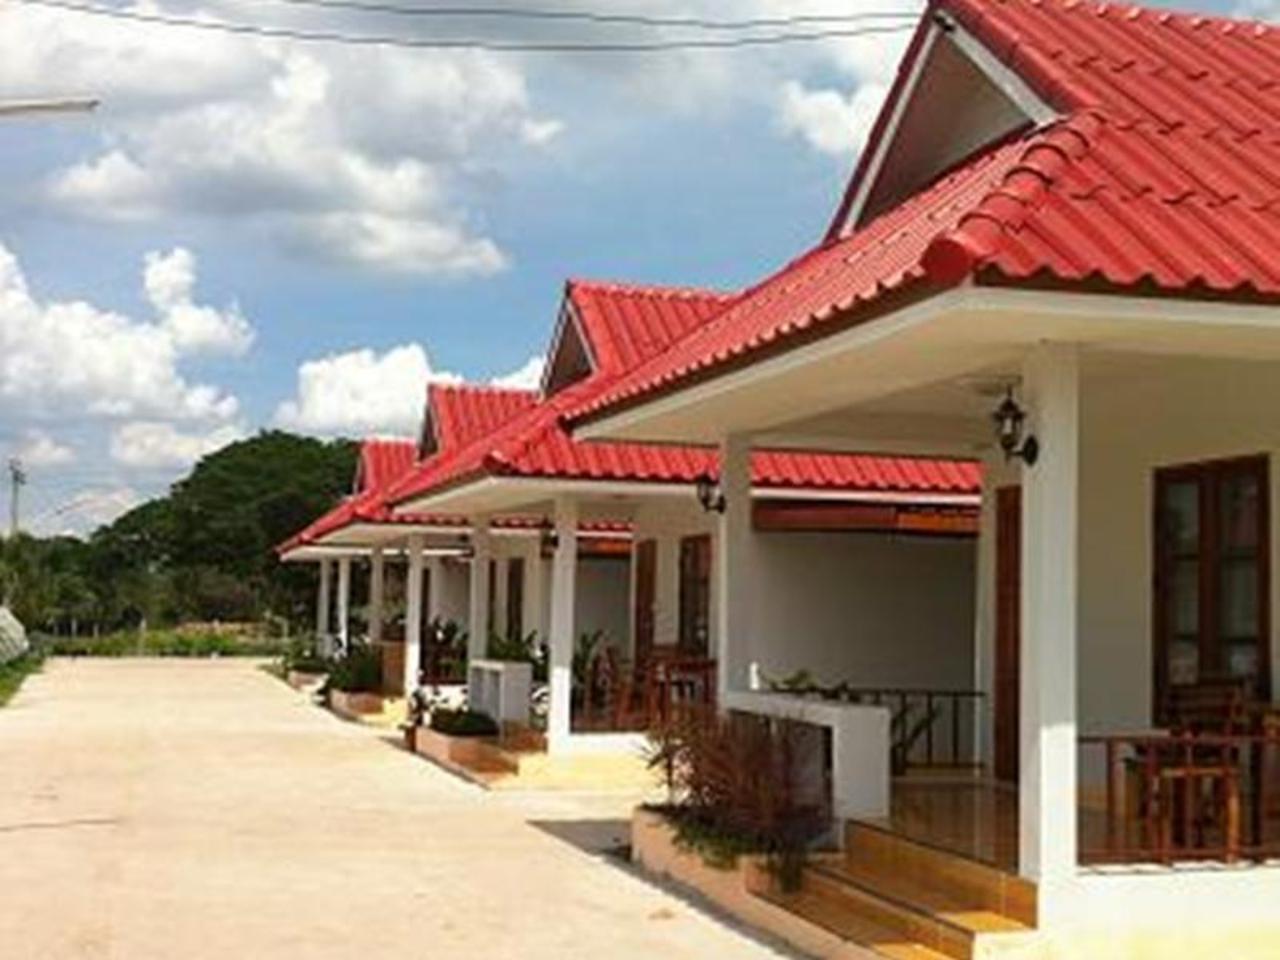 บ้านสวนกานต์ รีสอร์ท (Baan Suan Karn Resort)